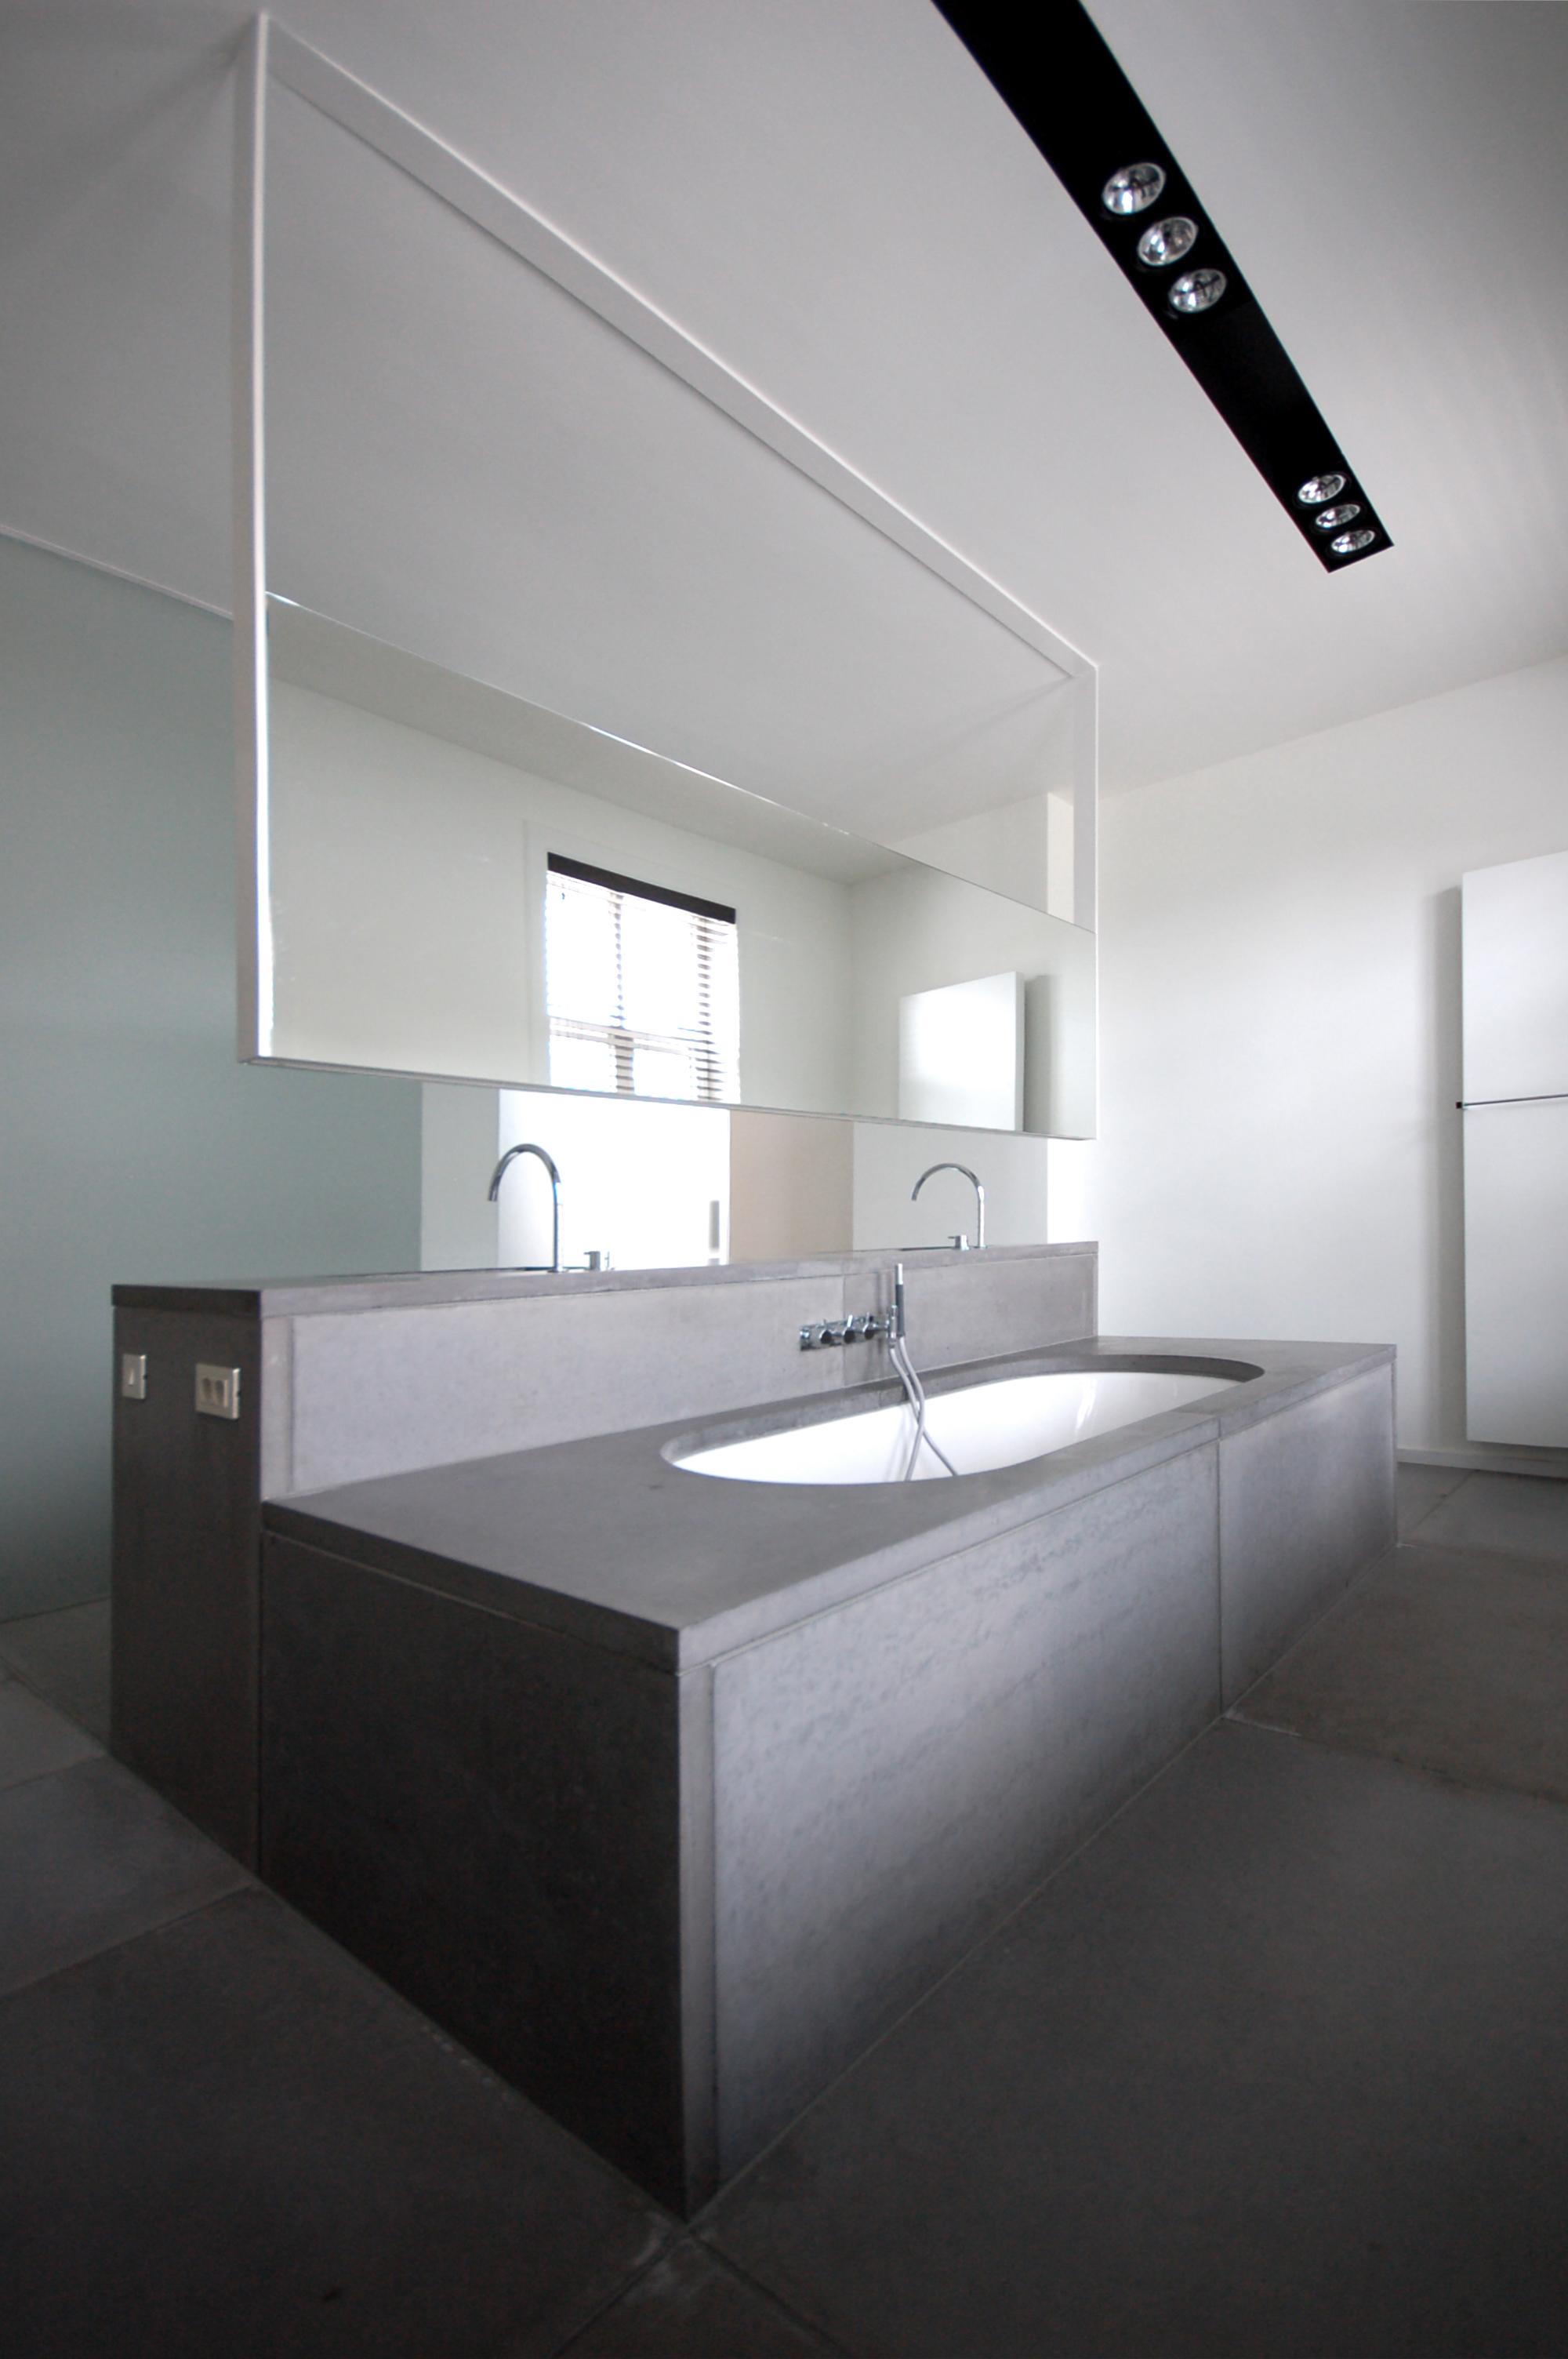 demeestervliegen-architecture-interior-interiorarchitecture-office8.jpg